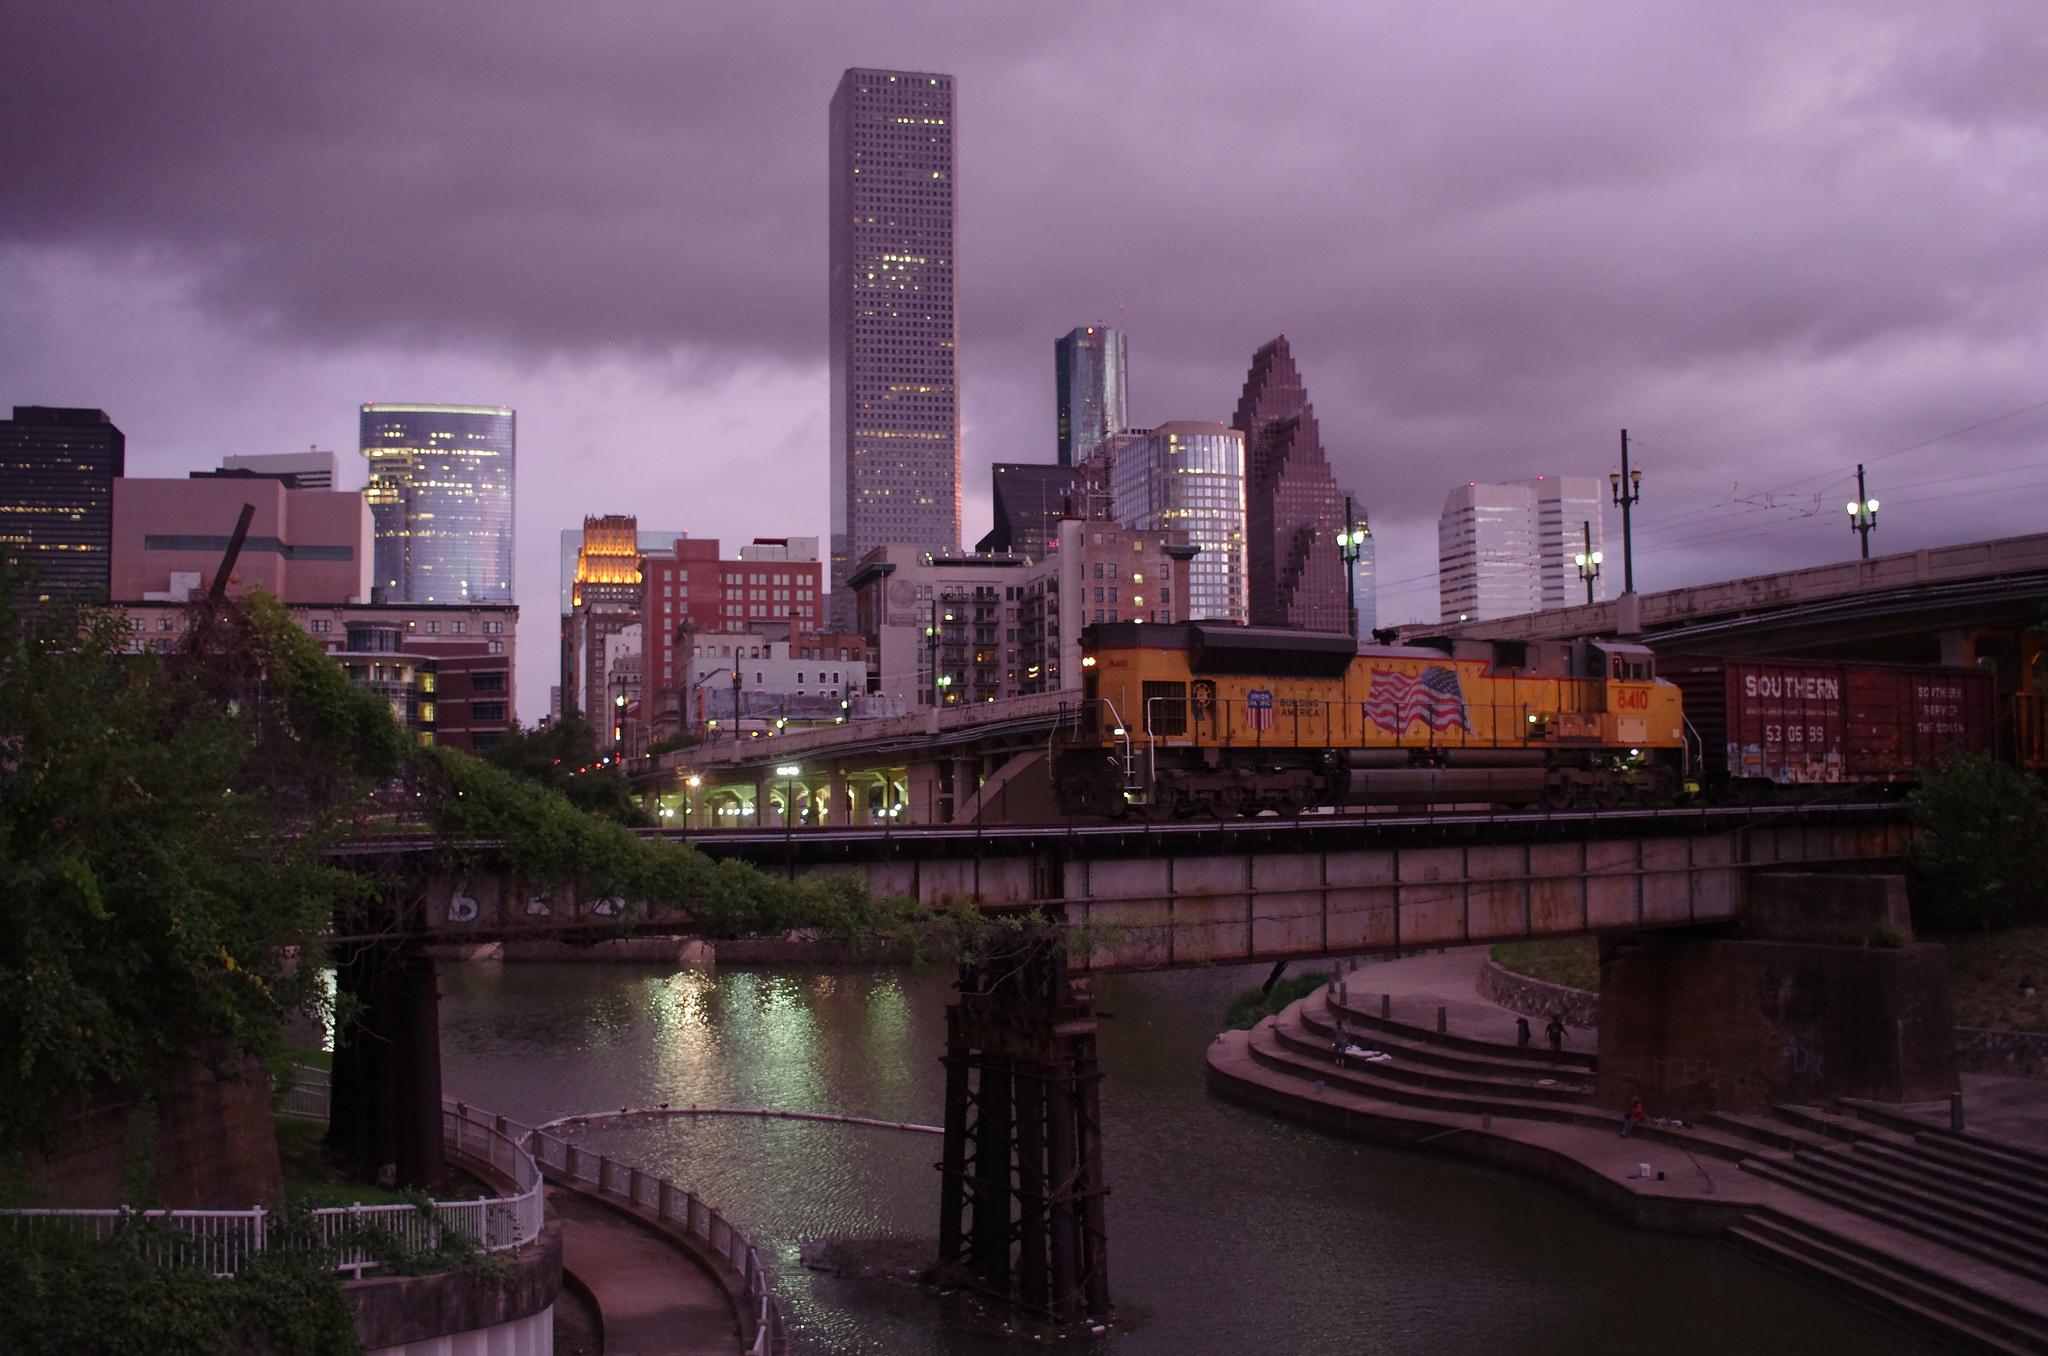 Mais planejamento urbano teria salvado Houston?